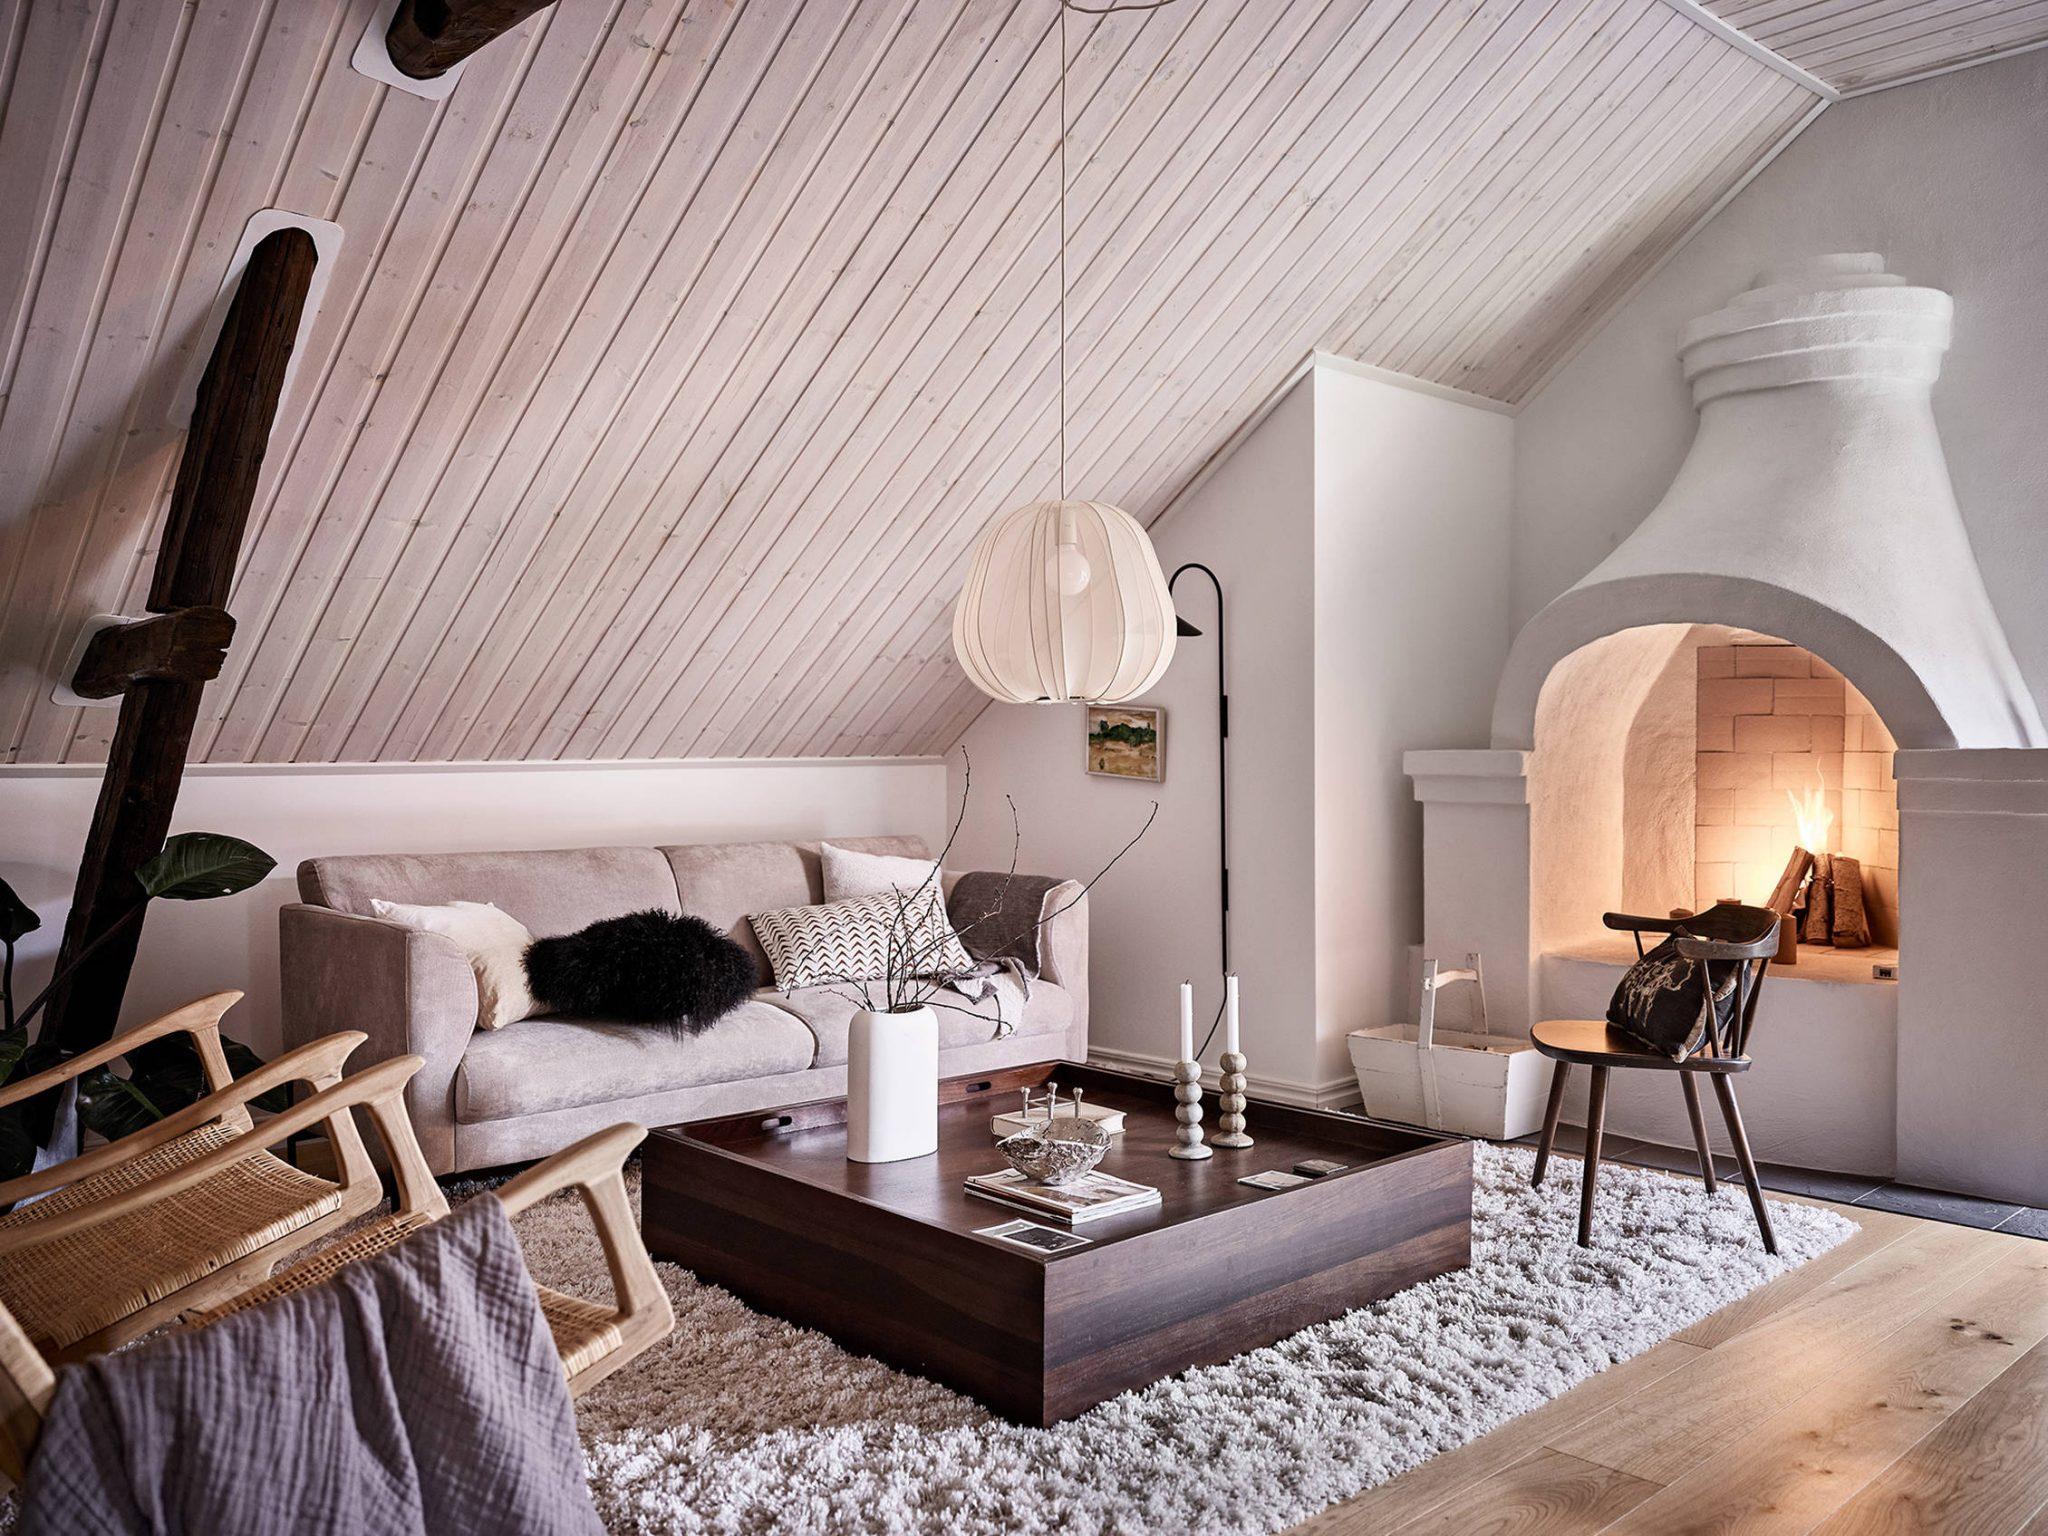 Tavan înclinat și decor rusti scandinav într o casă din Suedia 2